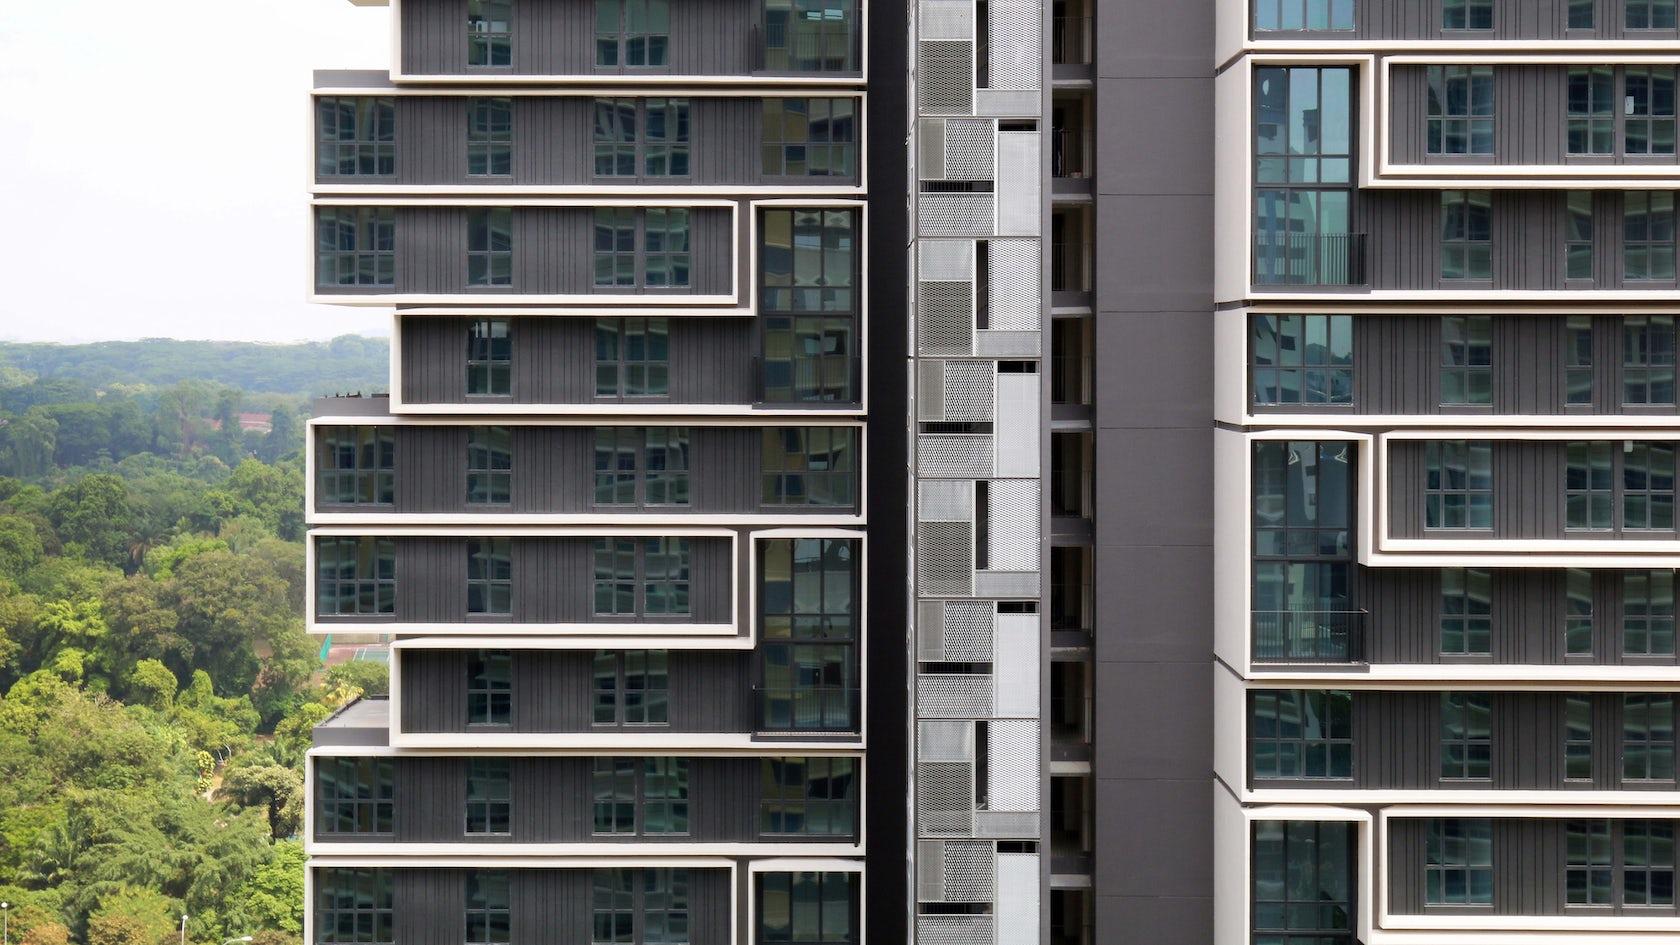 Strathmore Garden Apartments